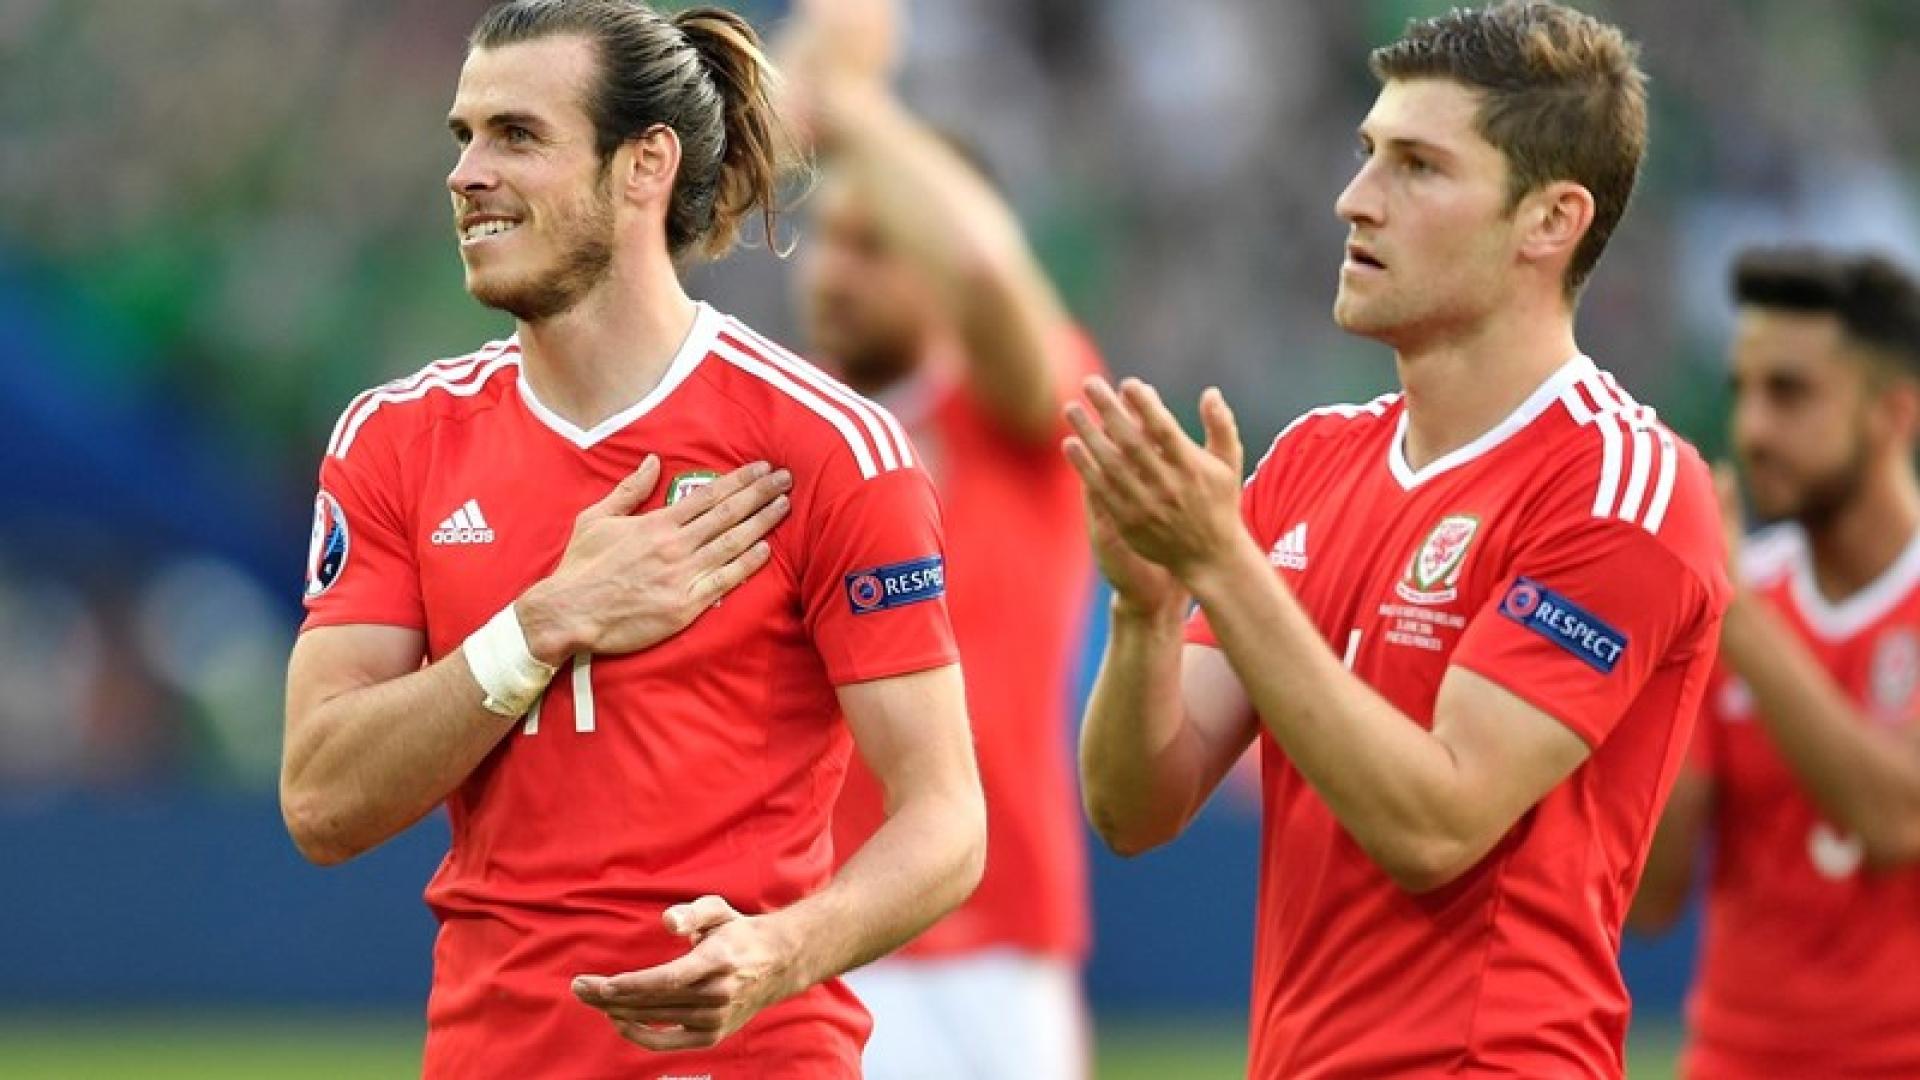 Gareth Bale et son équipe vont tenter de jouer un tour aux Portugais